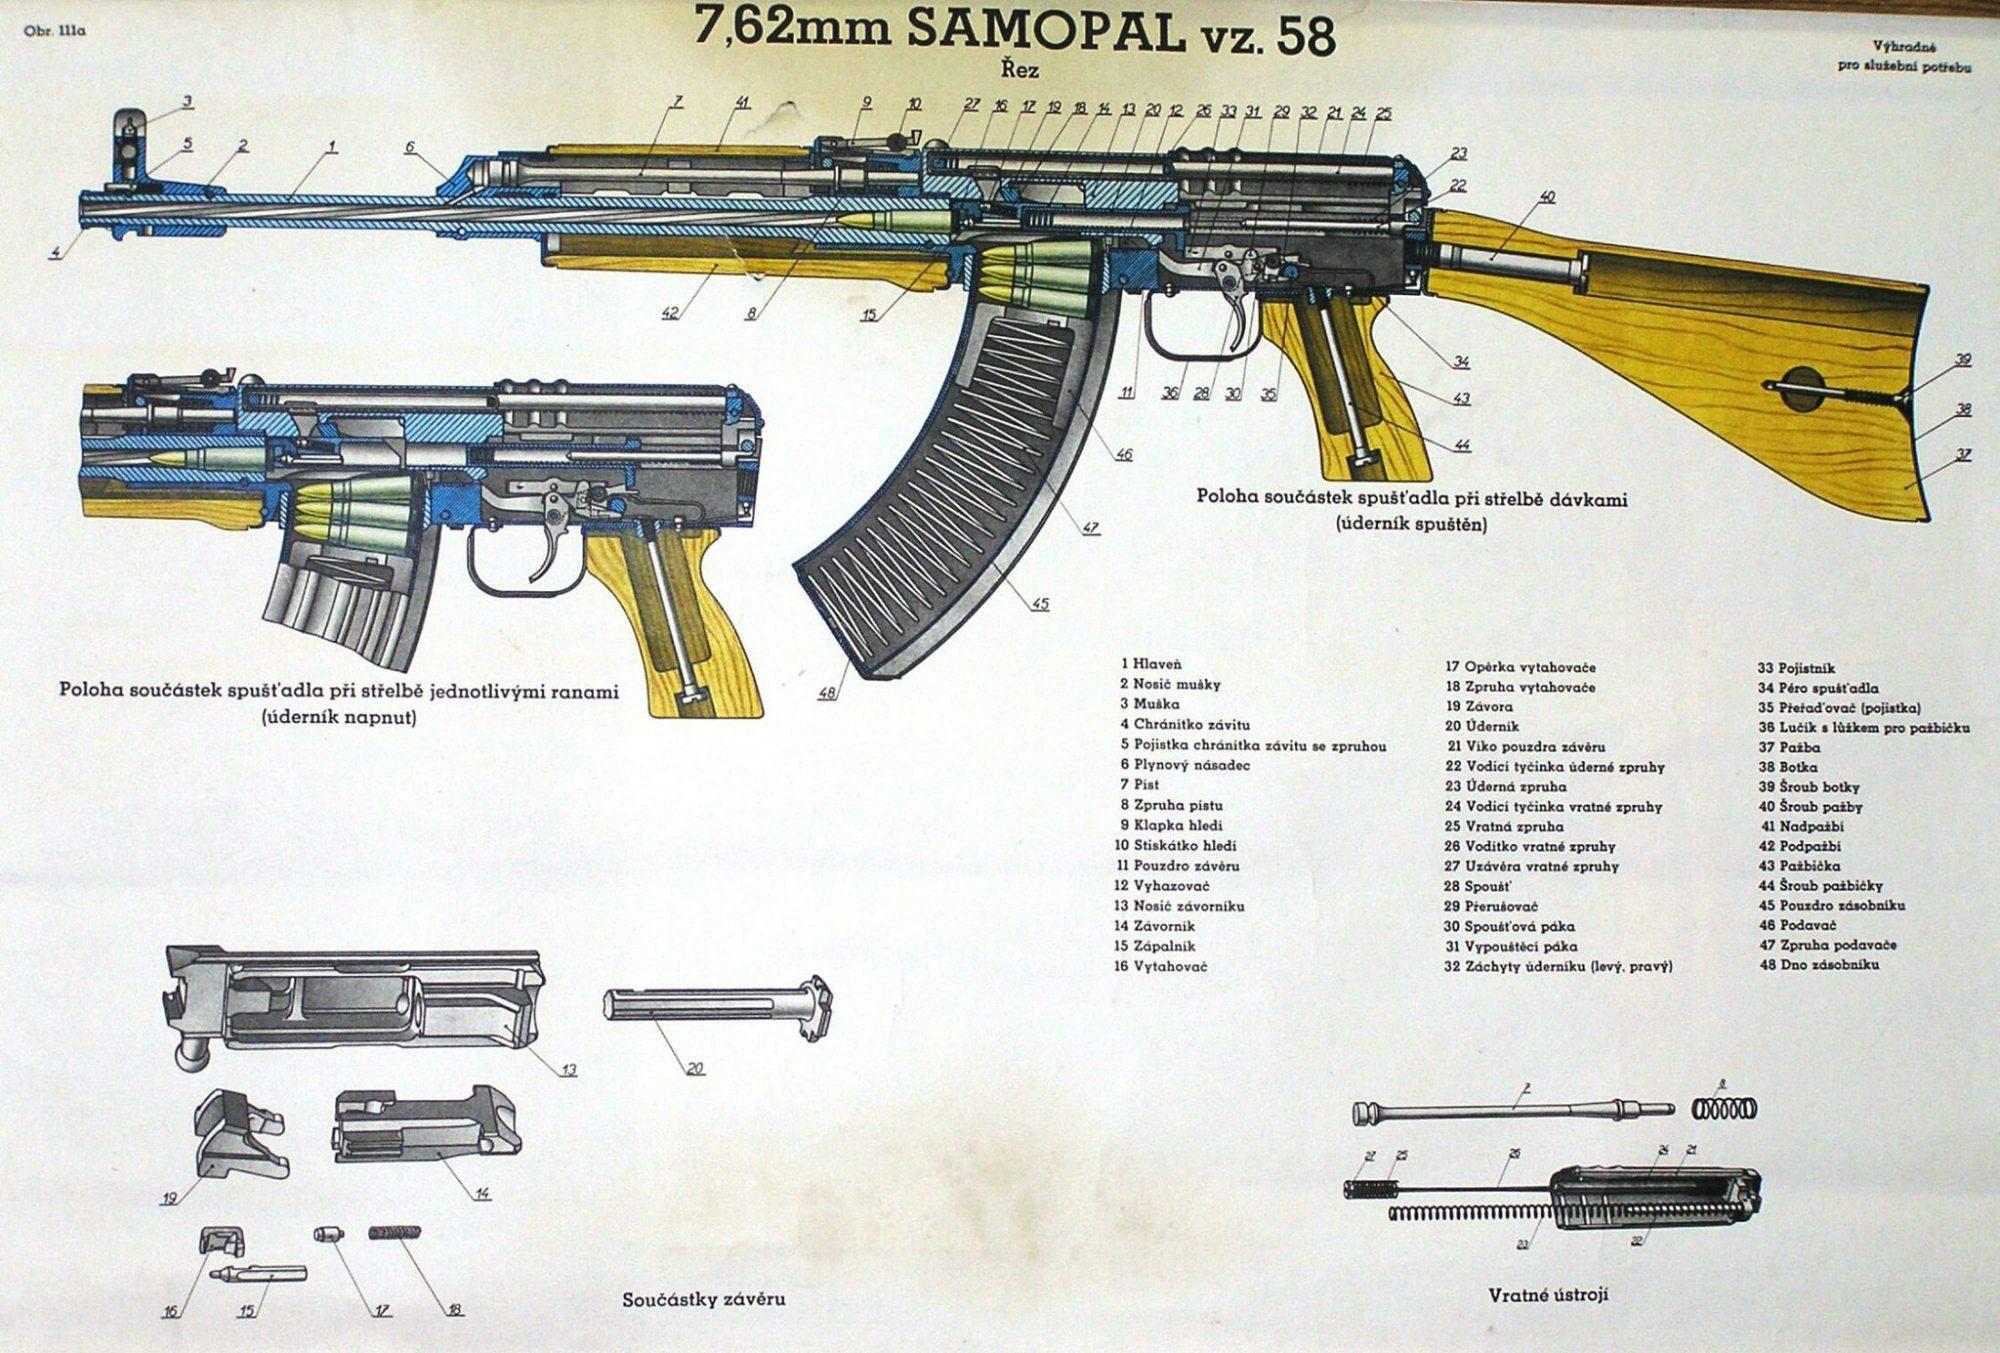 SAMOPAL Vzor 58 diagram